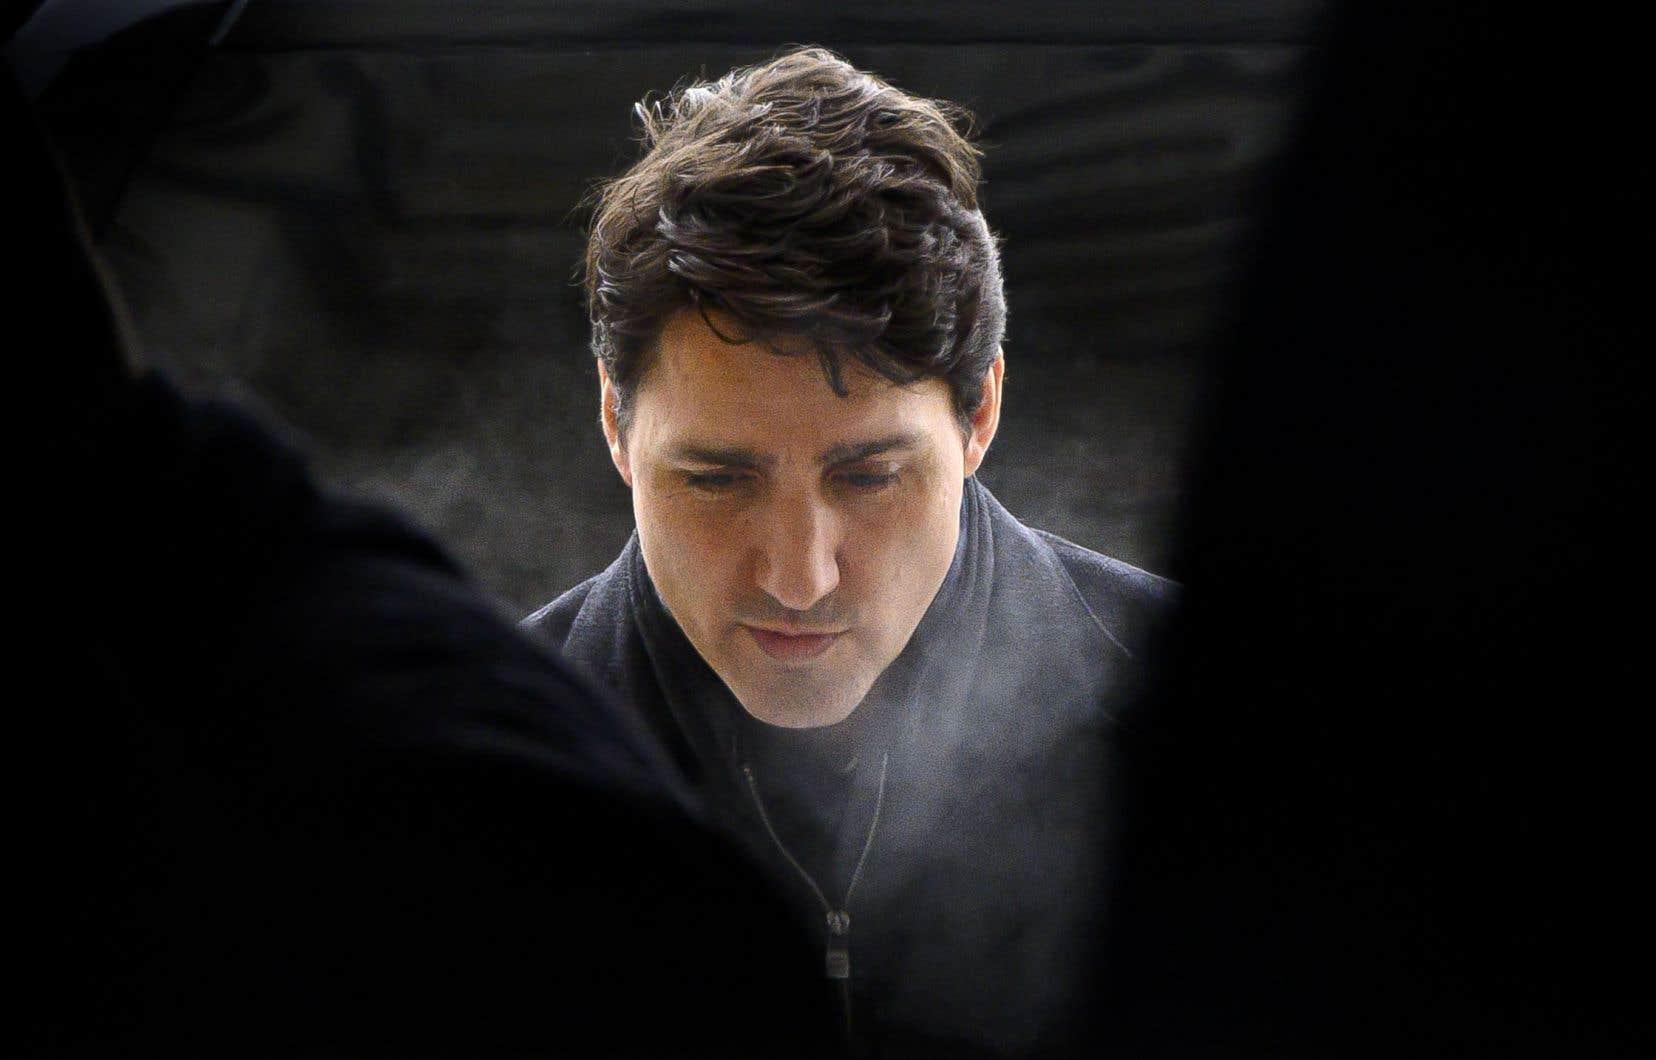 Justin Trudeau a présenté des excuses publiques à son ex-ministre Jody Wilson-Raybould pour ne pas avoir condamné plus tôt la campagne de dénigrement menée contre elle. Quelques minutes plus tard, MmeWilson-Raybould a laissé entendre qu'il appartient au premier ministre de lever le secret professionnel auquel elle est astreinte.